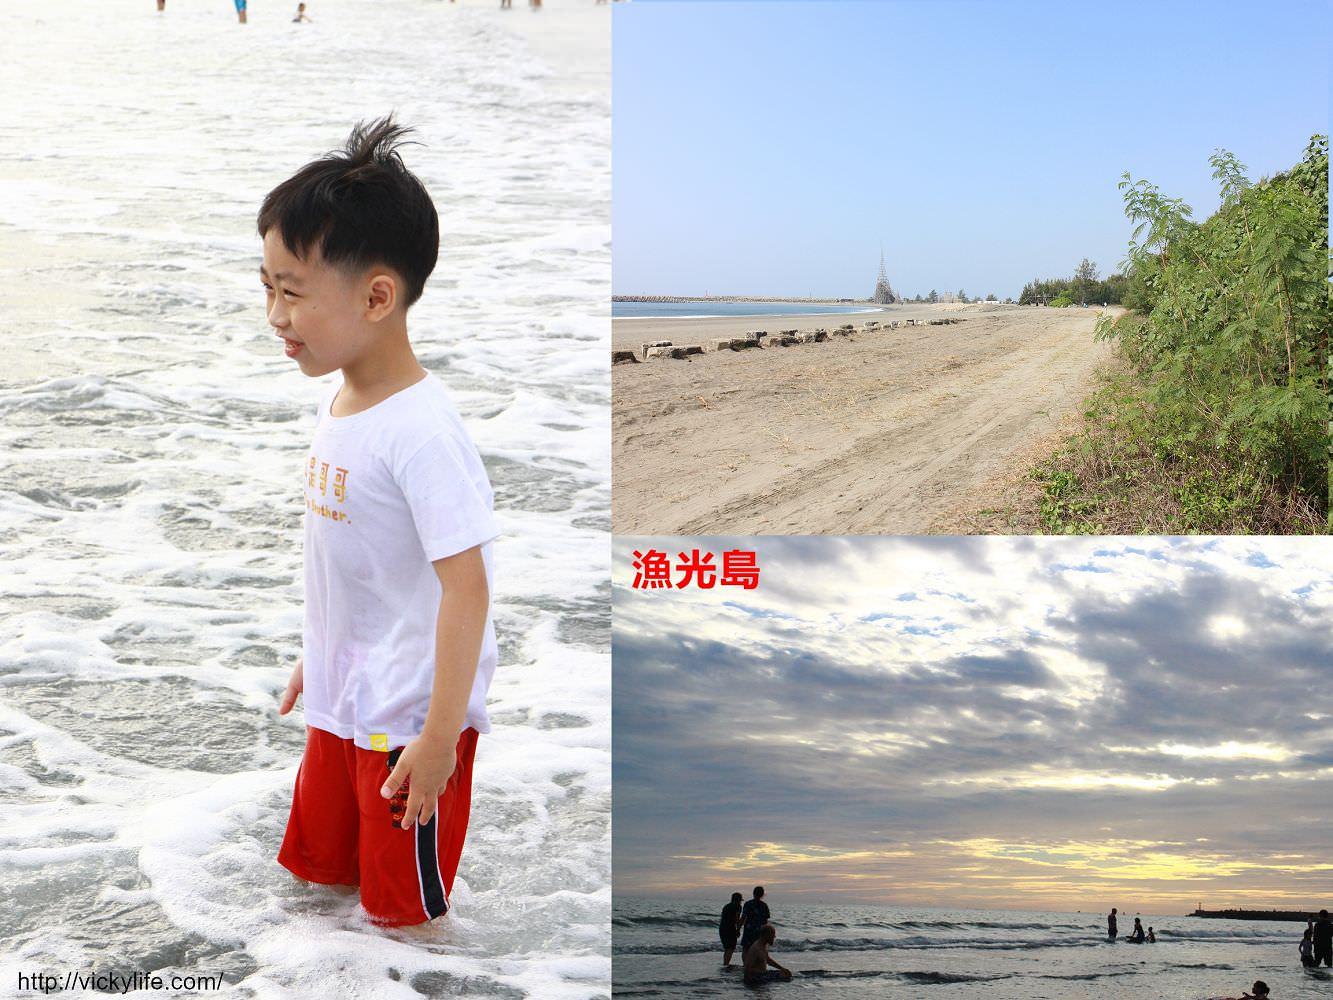 台南景點︱安平漁光島:踏浪、戲水、賞景,身心靈獲得大大滿足